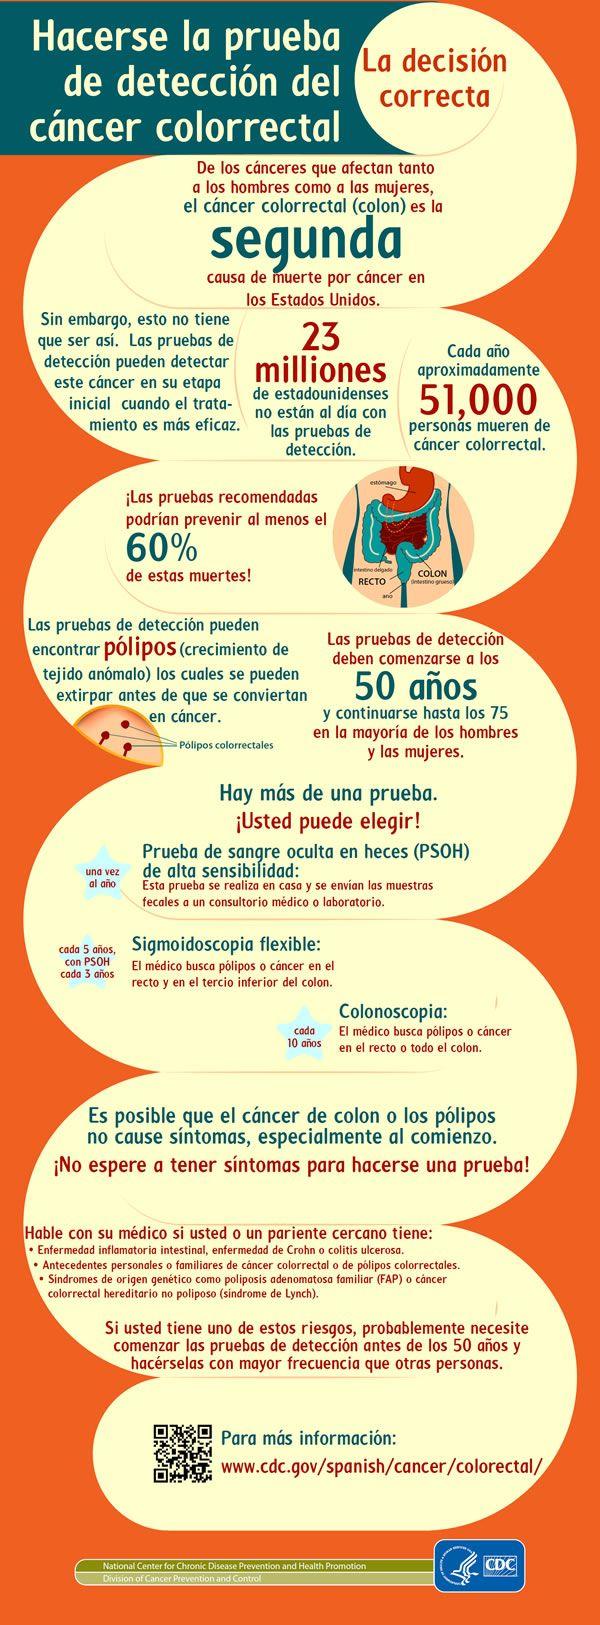 #Infografia Hacerse la prueba de detección del cáncer colorrectal: la decisión correcta #salud #prevencion